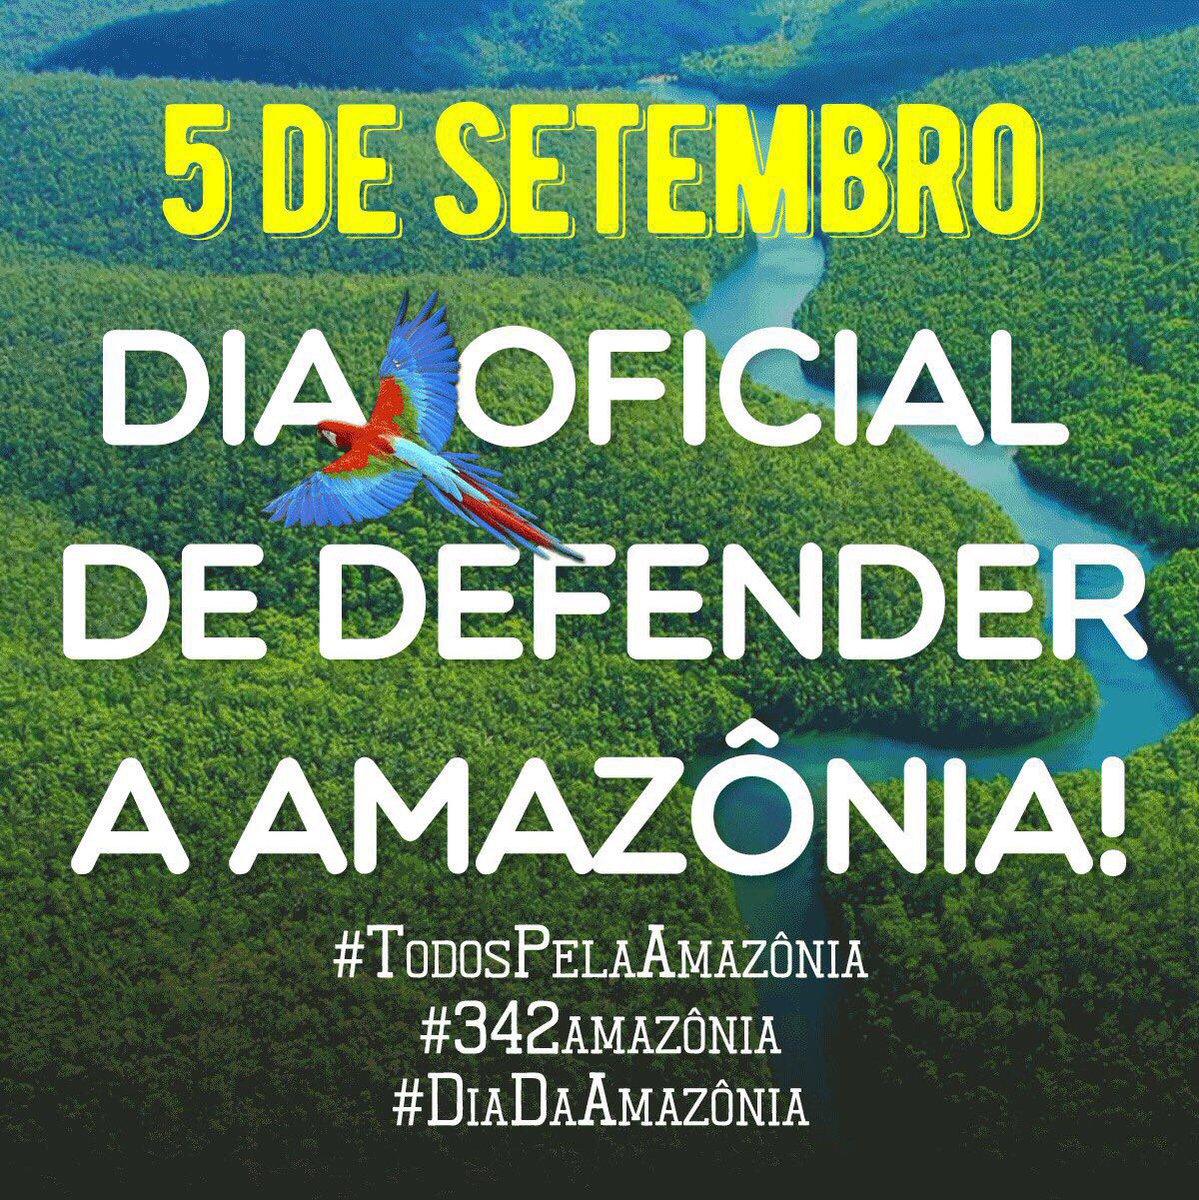 #todospelaamazônia